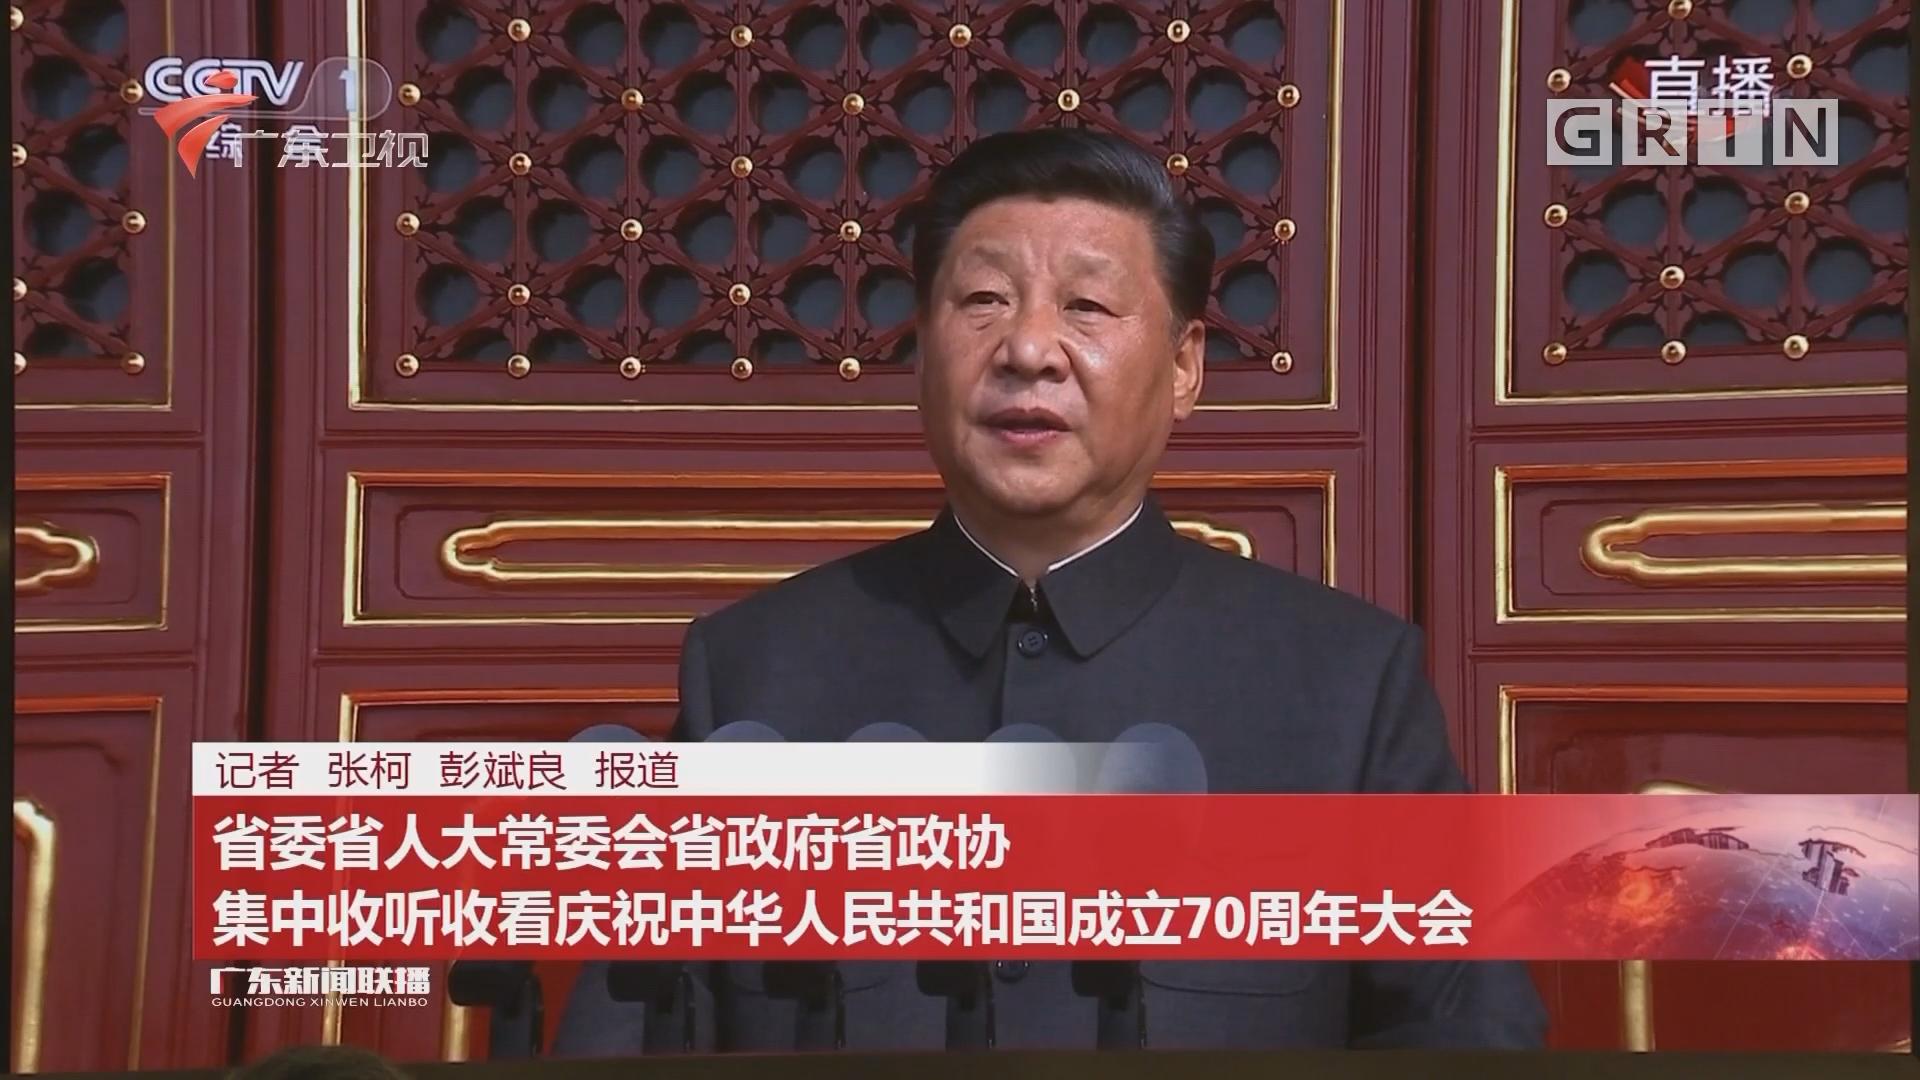 省委省人大常委会省政府省政协集中收听收看庆祝中华人民共和国成立70周年大会